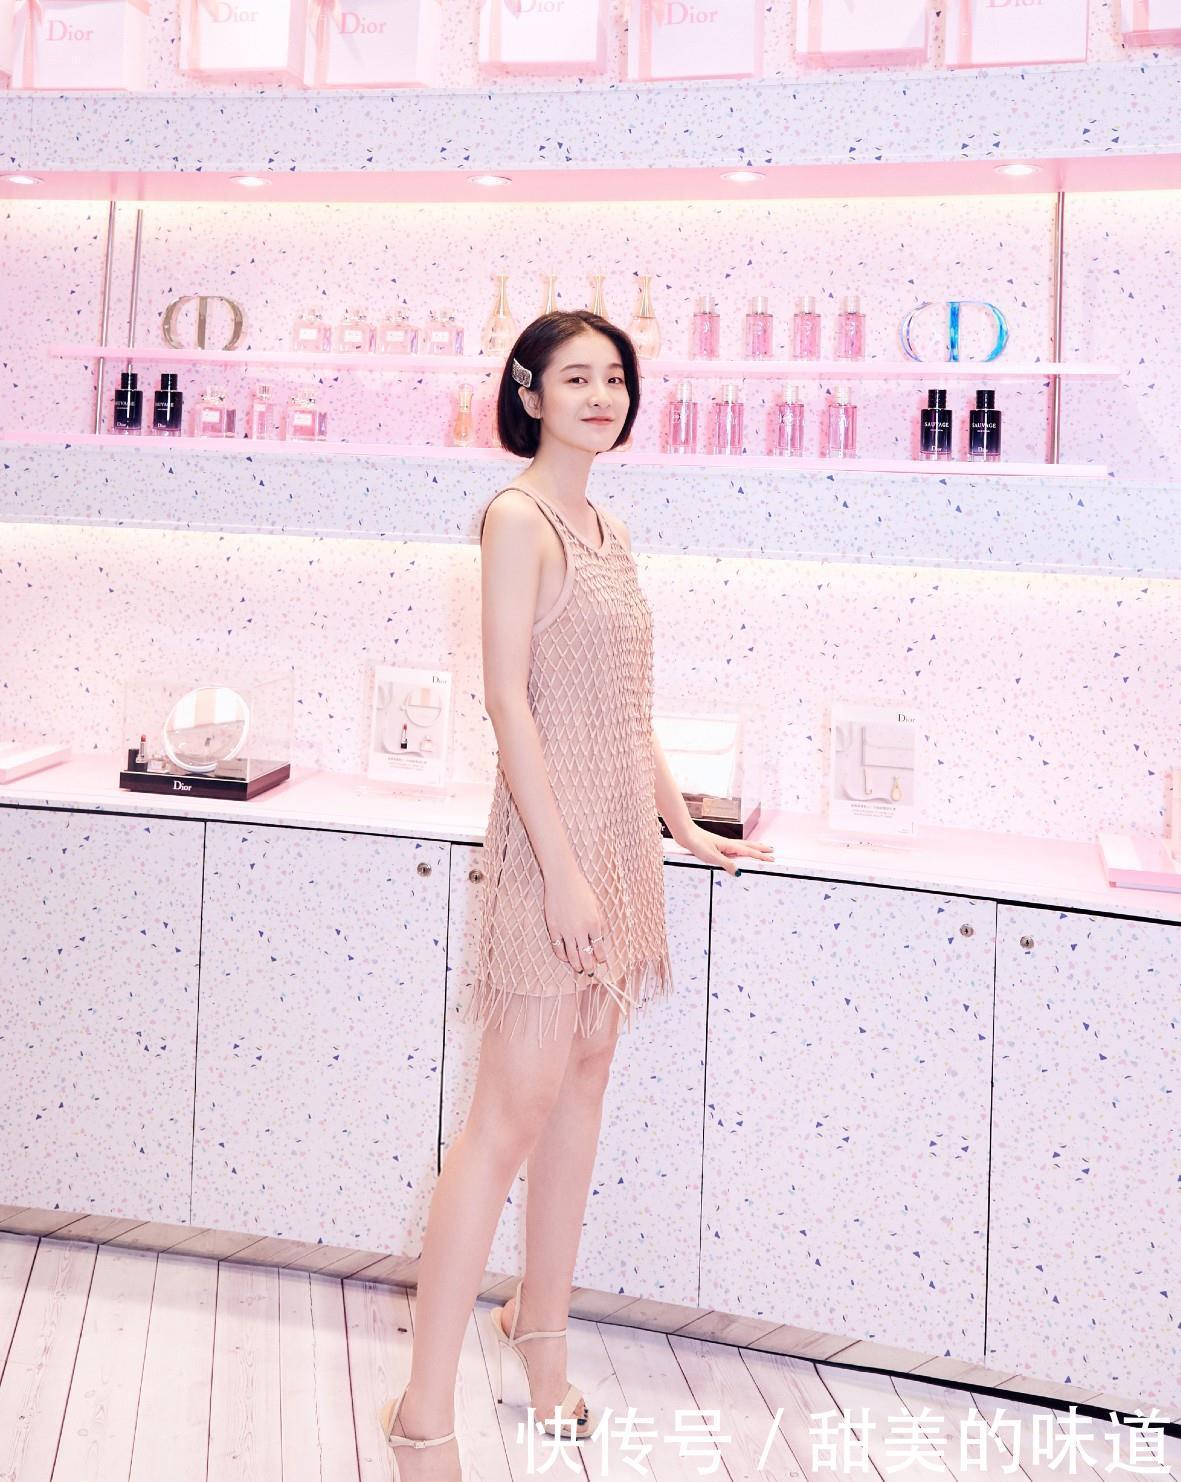 张雪迎吊带渔网裙穿成18岁少女,配10厘米的细高跟,美腿满分